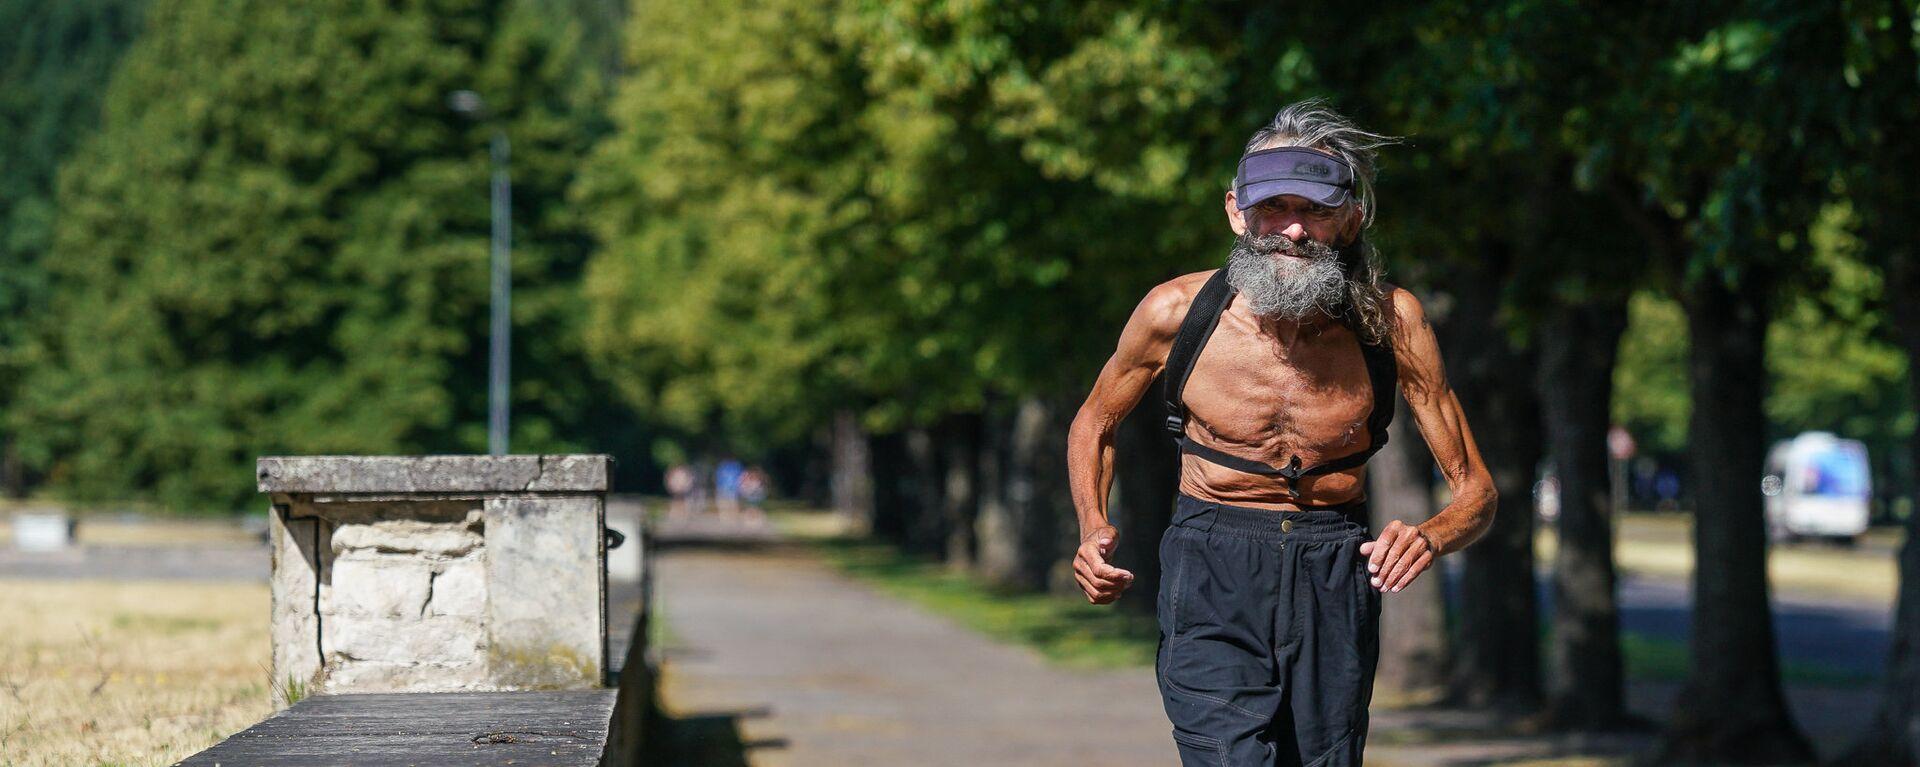 Пожилой человек бежит по парку - Sputnik Латвия, 1920, 07.04.2021